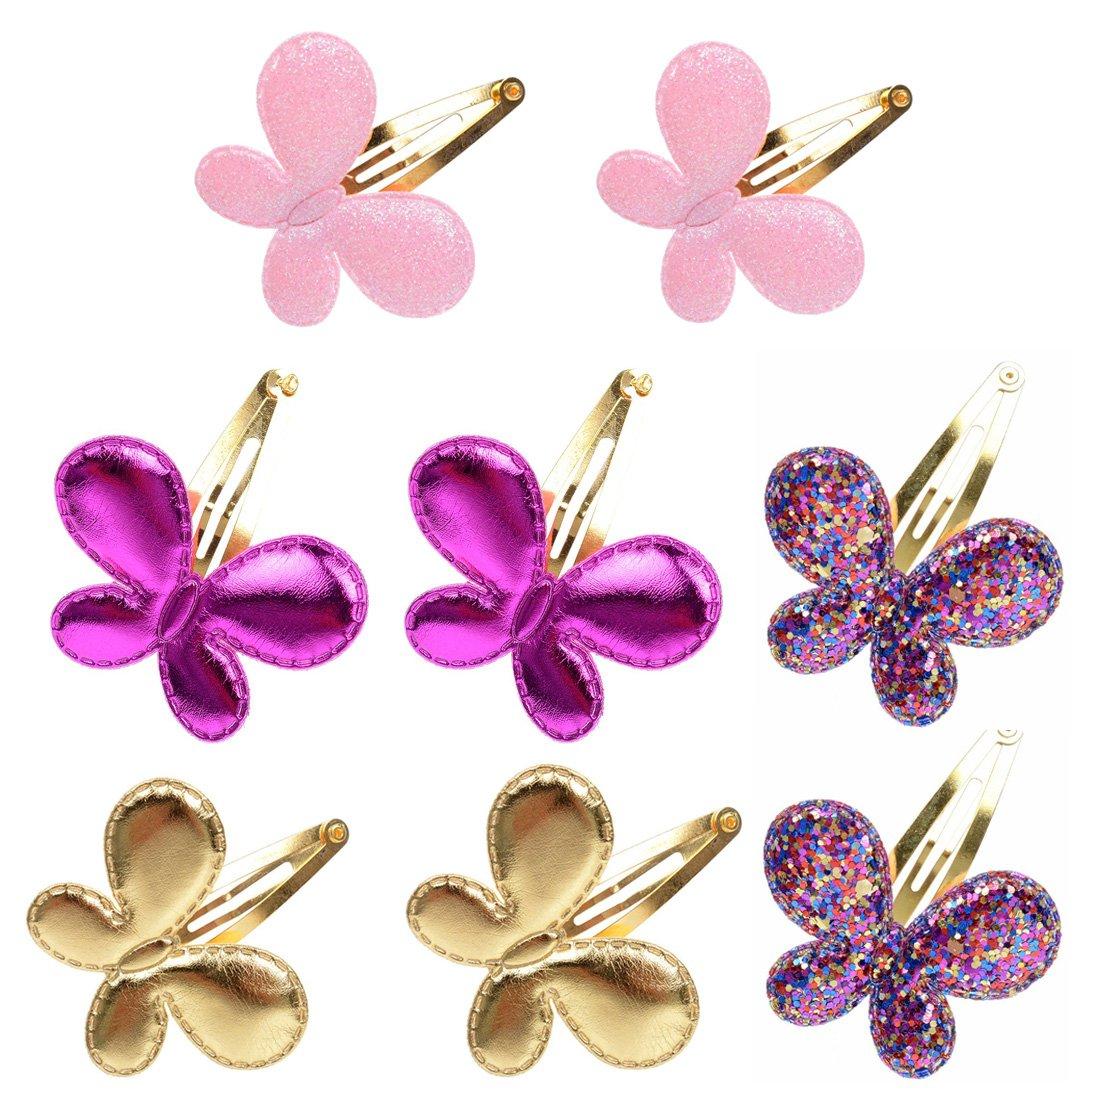 8Pcs Girls Sequins Butterfly Barrettes Glitter BB Hair Clips Kids Hairpins